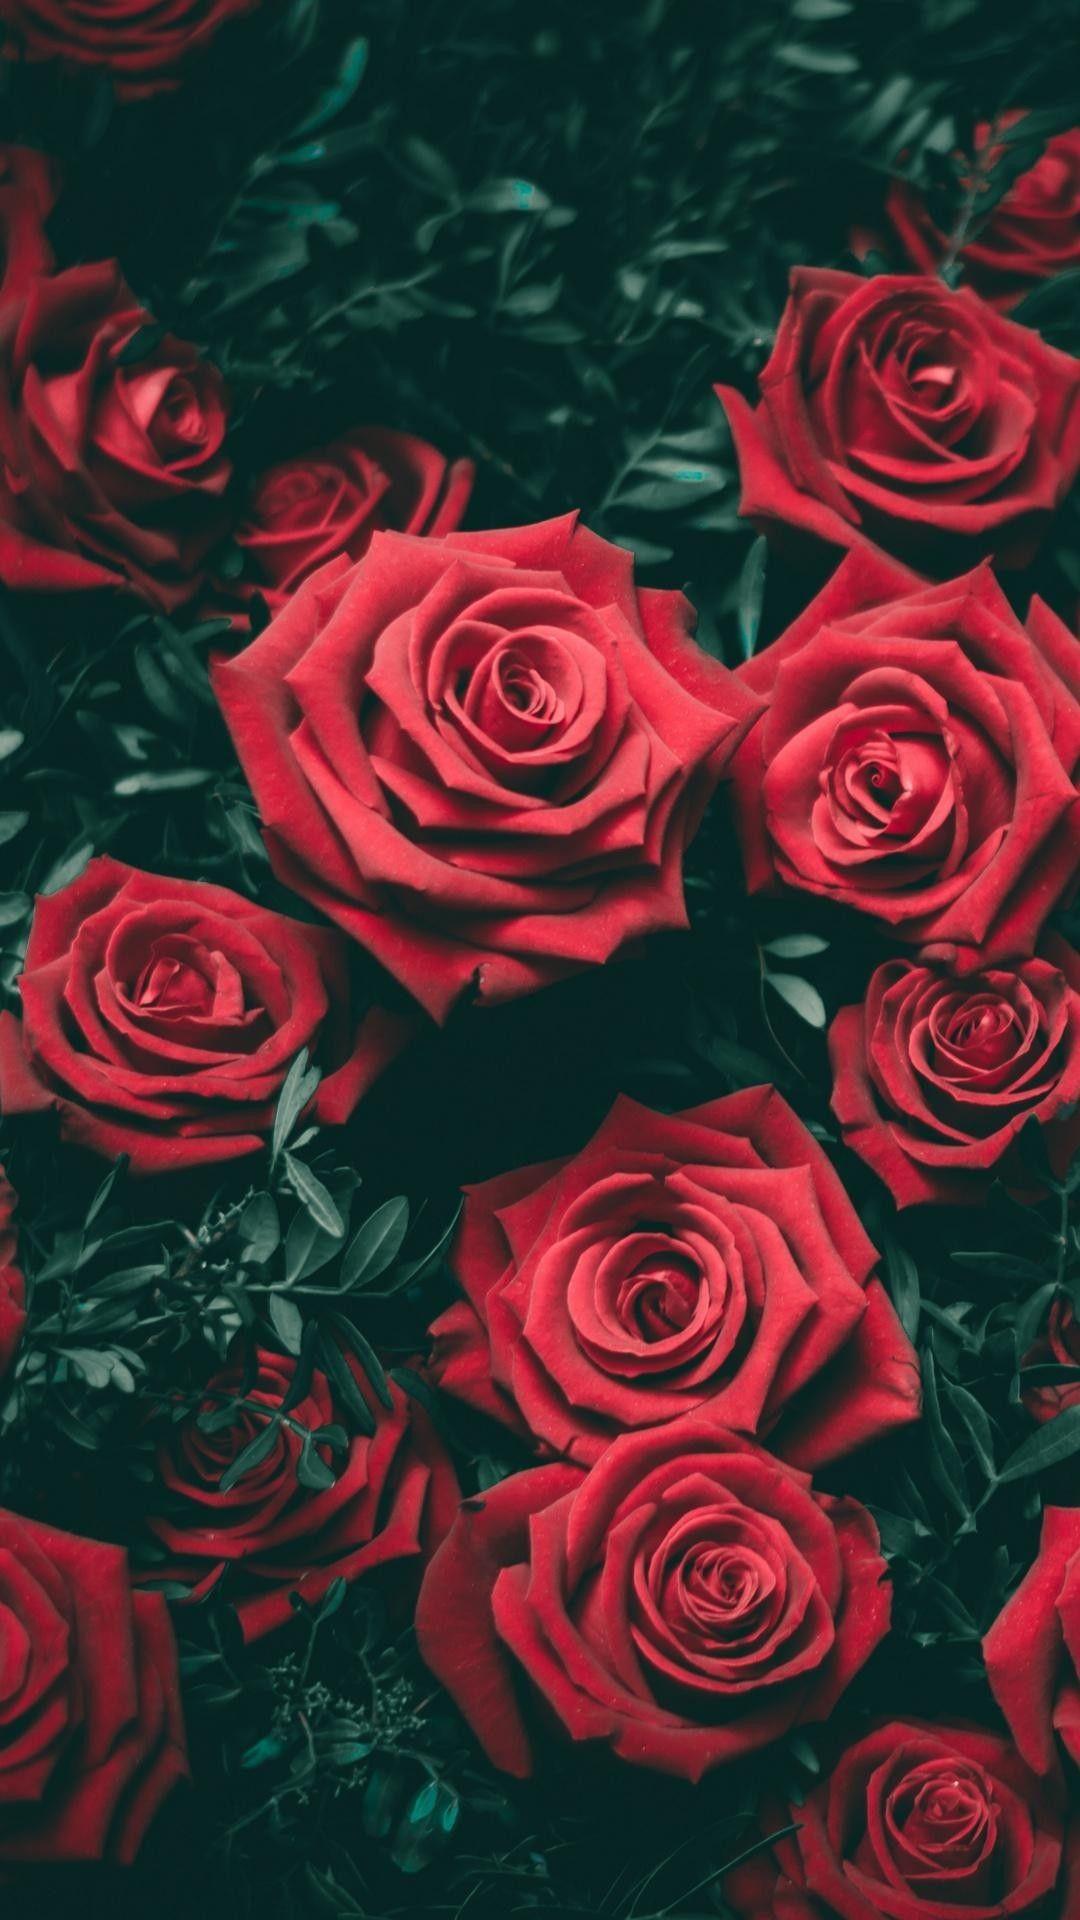 ωαℓℓραρε૨ (With images) Red roses wallpaper, Flower